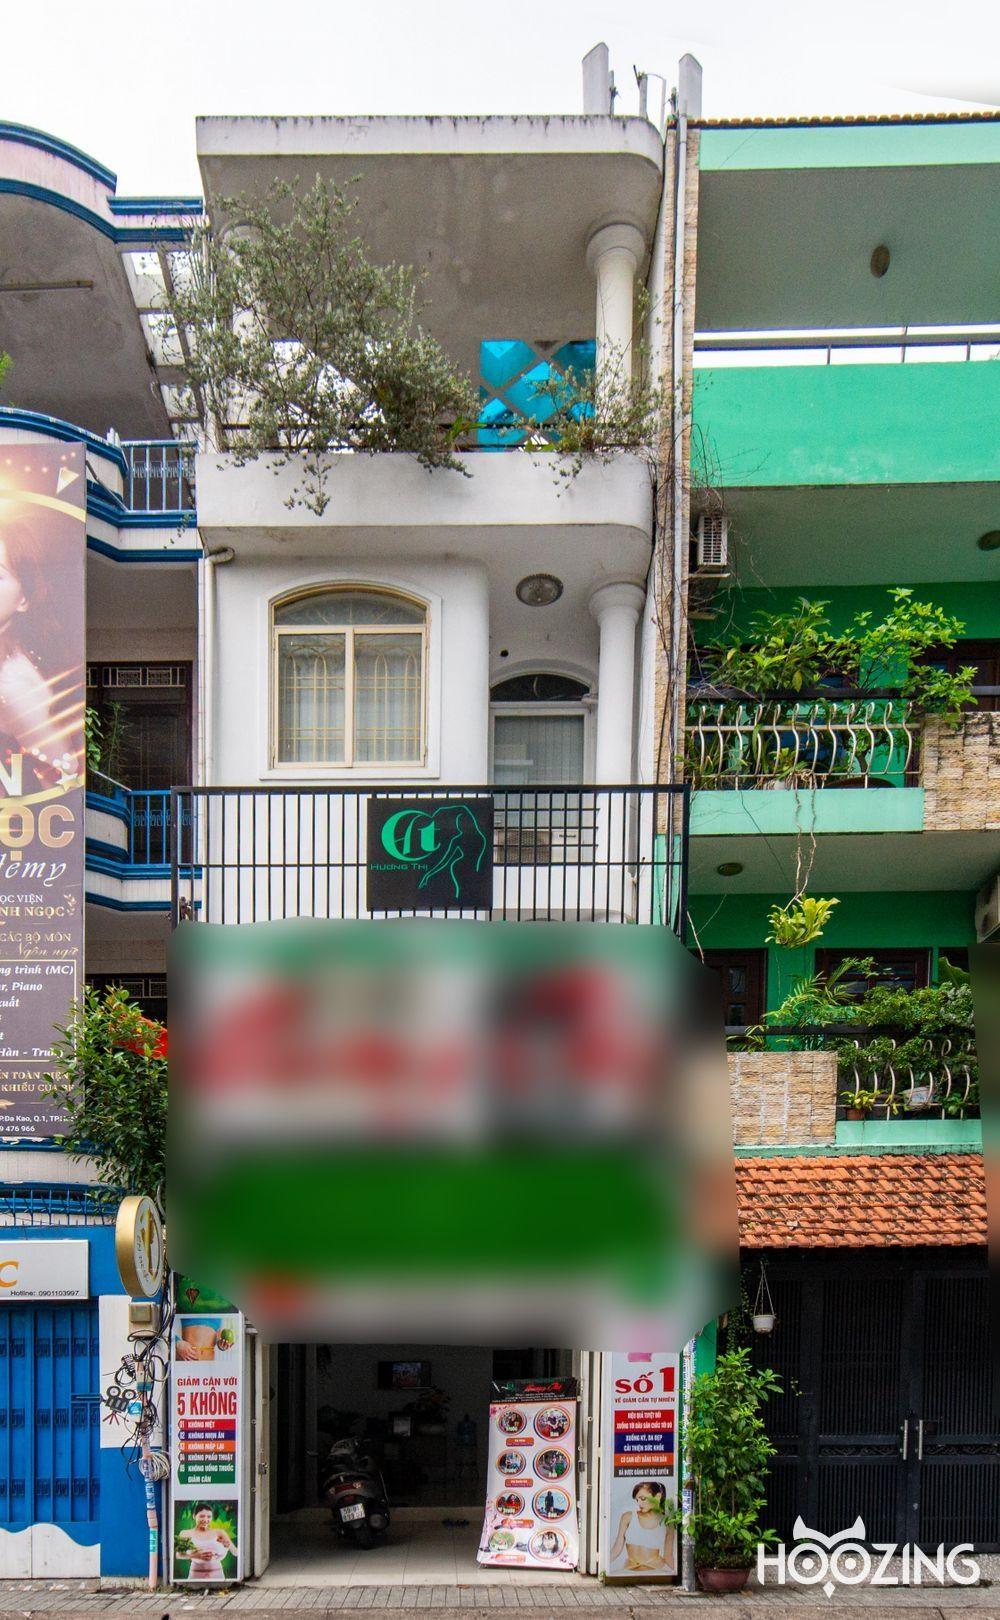 Cho Thuê Nhà Nguyên Căn Mặt Tiền Đường Huỳnh Khương Ninh Quận 1 Gần Công Viên Lê Văn Tám